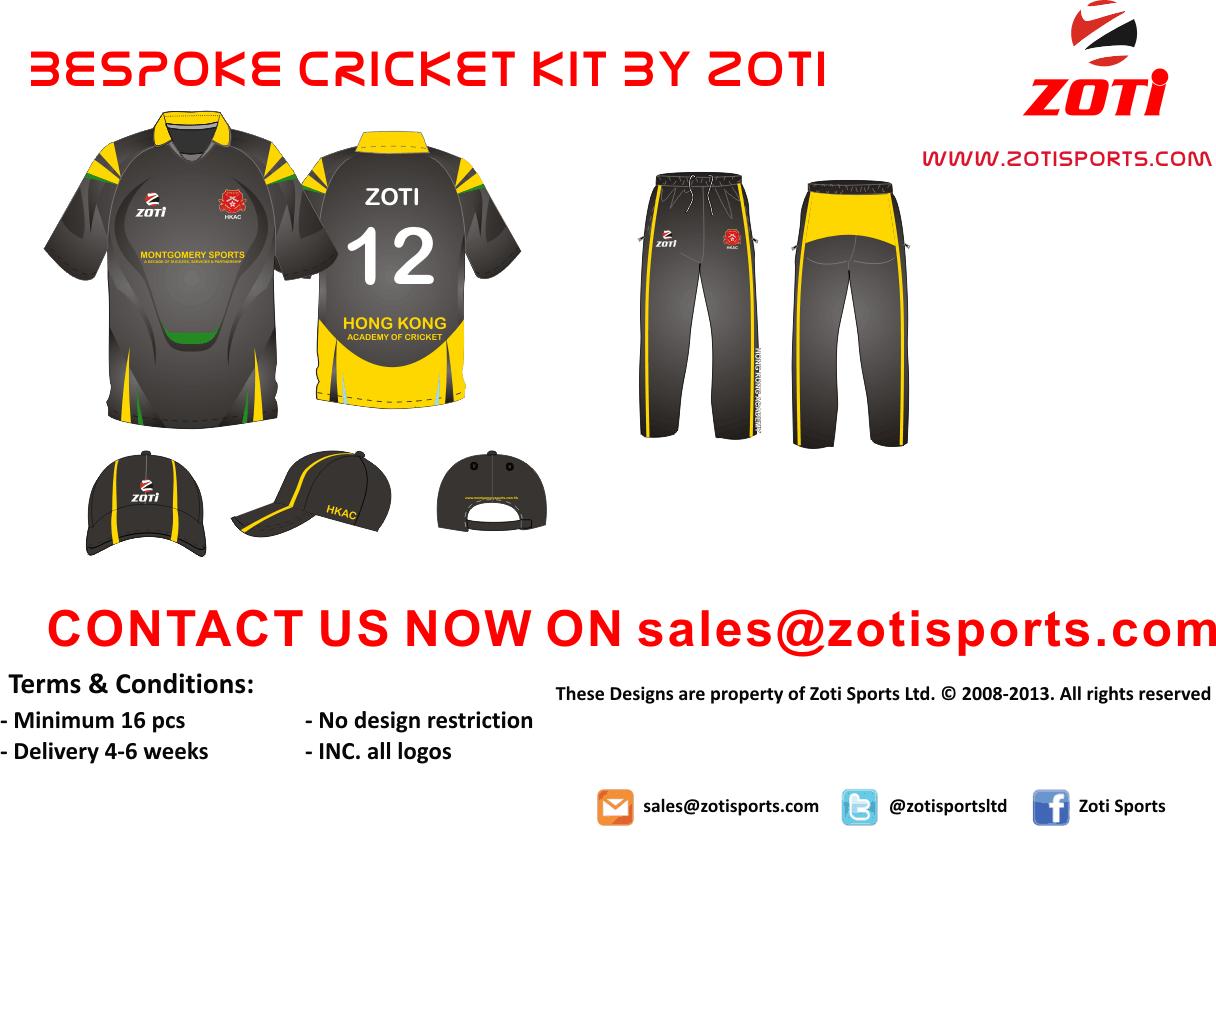 Cricket vinyl supplies coupon